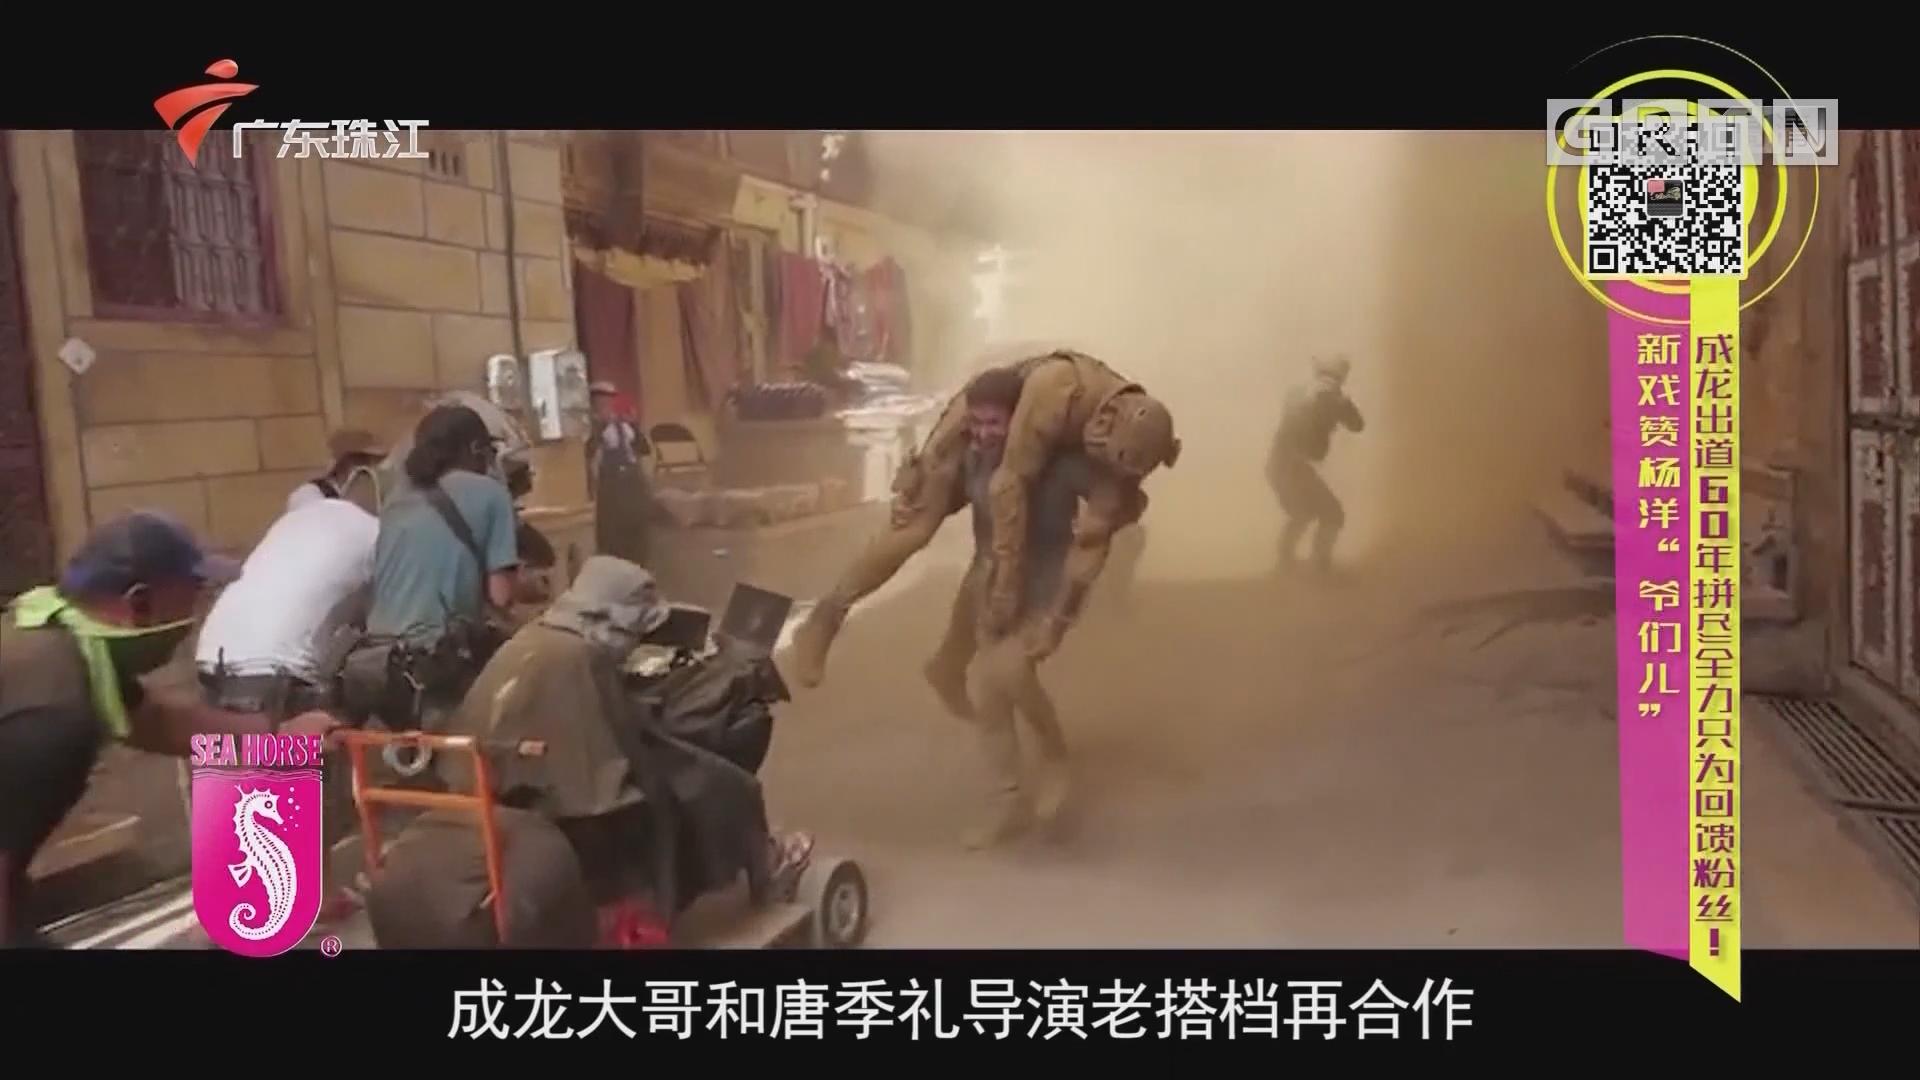 """新戏赞杨洋""""爷们儿"""" 成龙出道60年拼尽全力只为回馈粉丝!"""